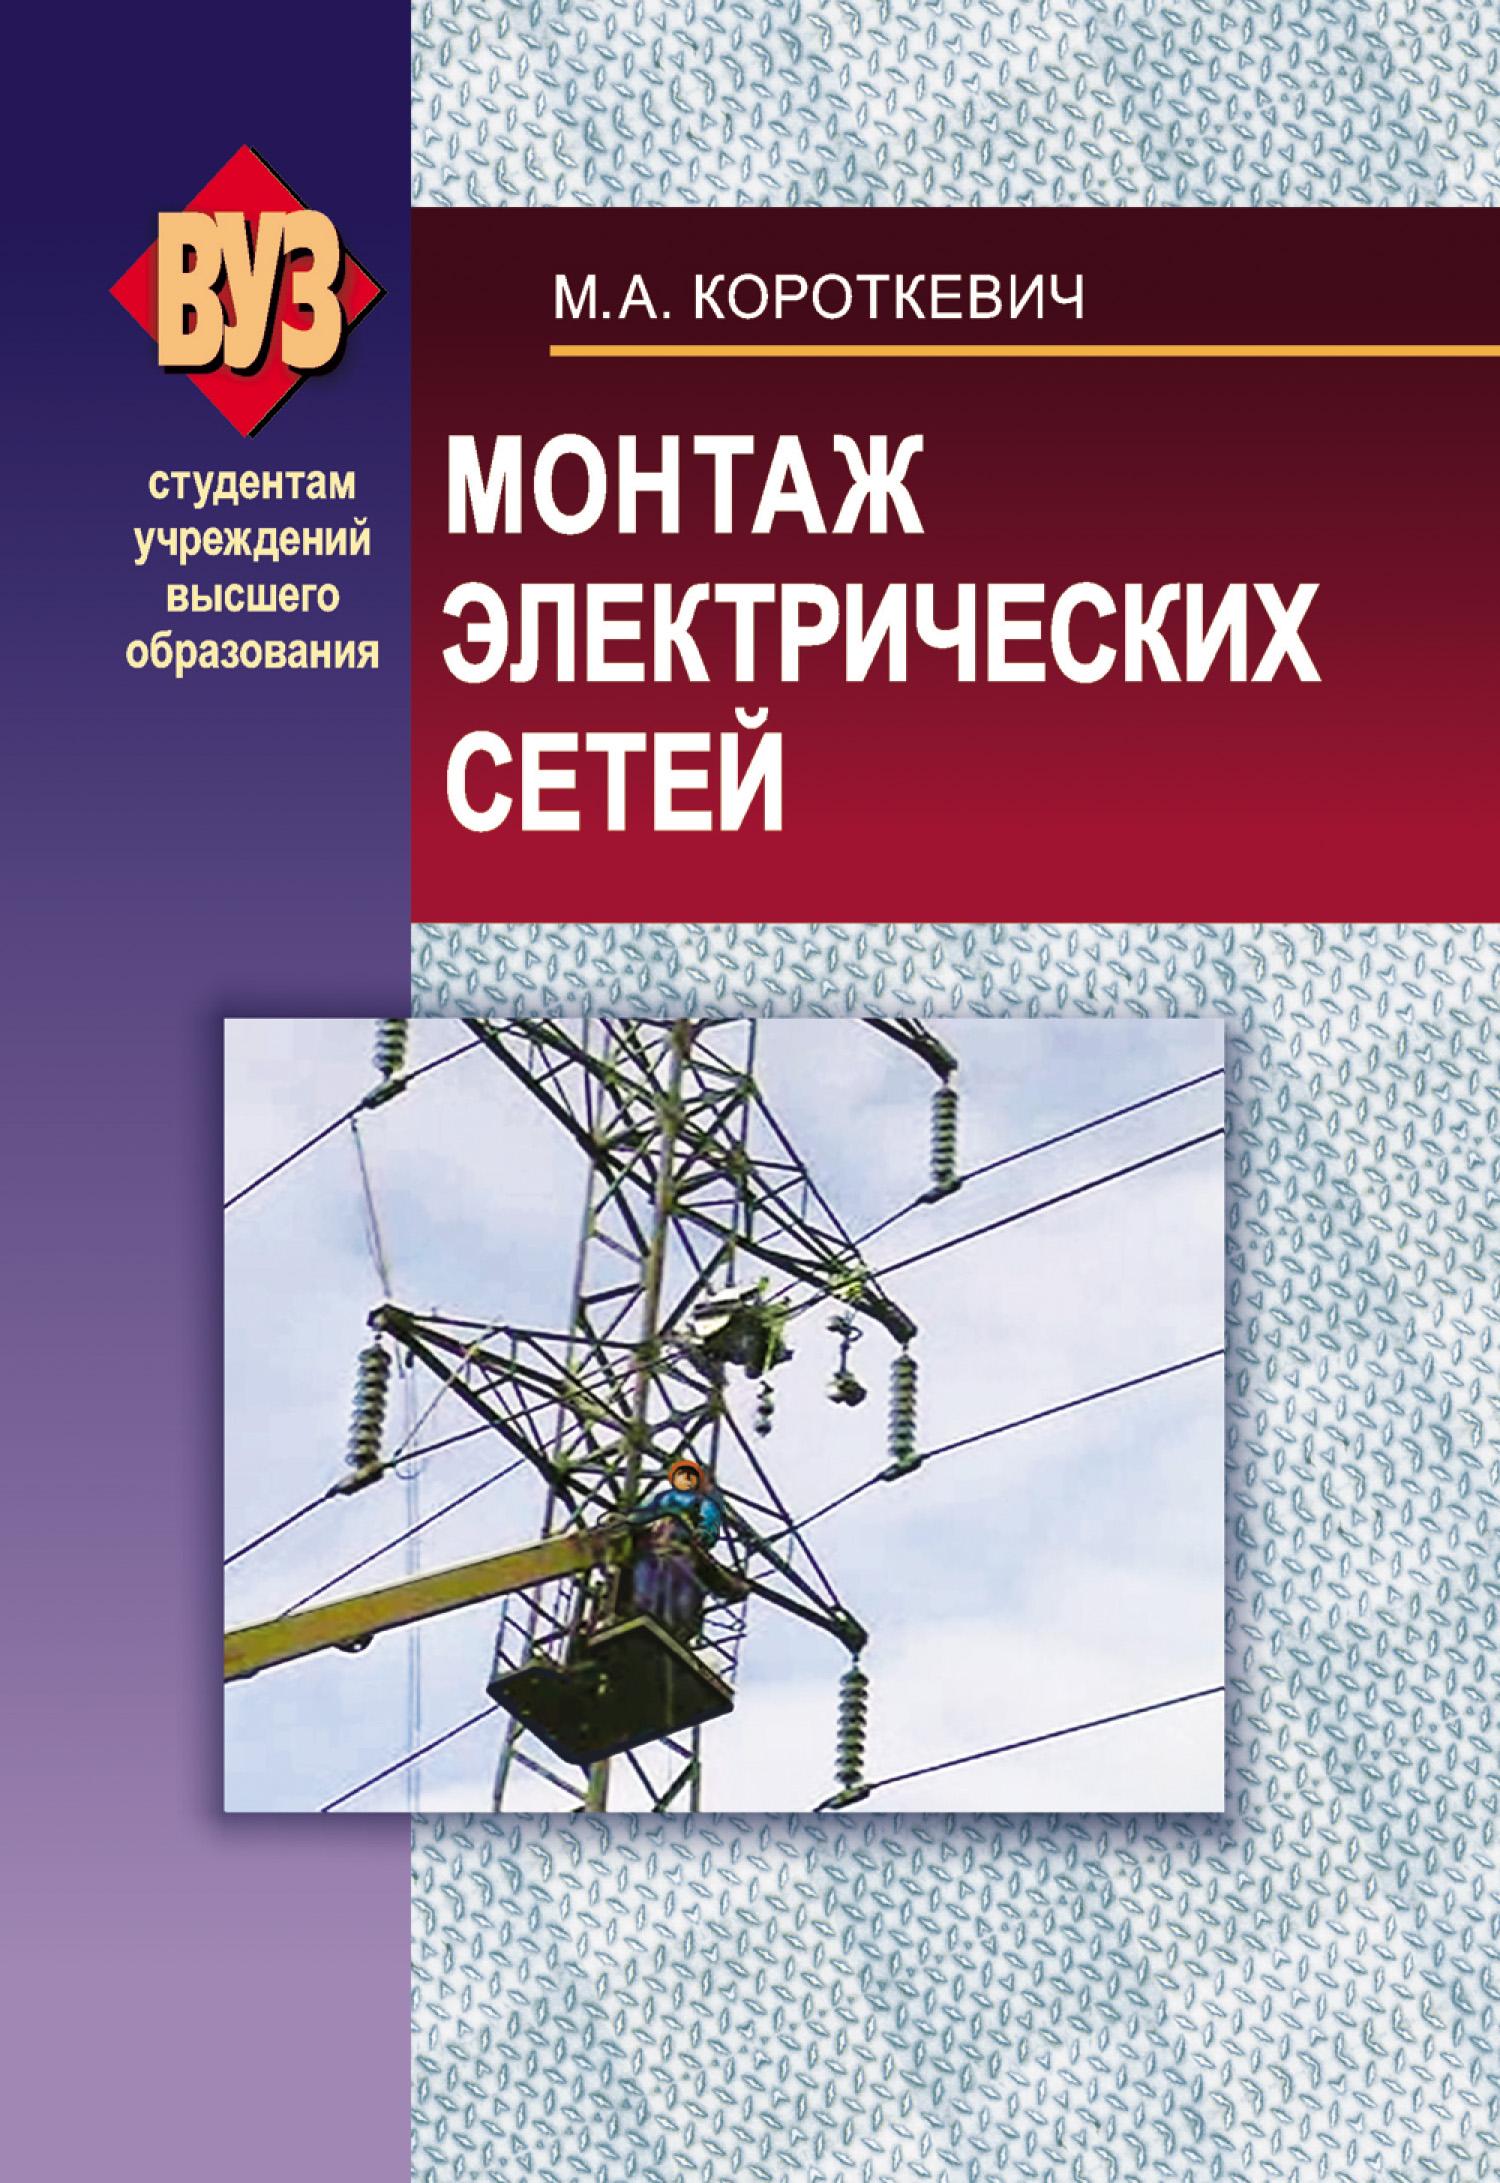 М. А. Короткевич Монтаж электрических сетей типовая инструкция по эксплуатации воздушных линий электропередачи напряжением 35 800 кв рд 34 20 504–94 isbn 9785424800689